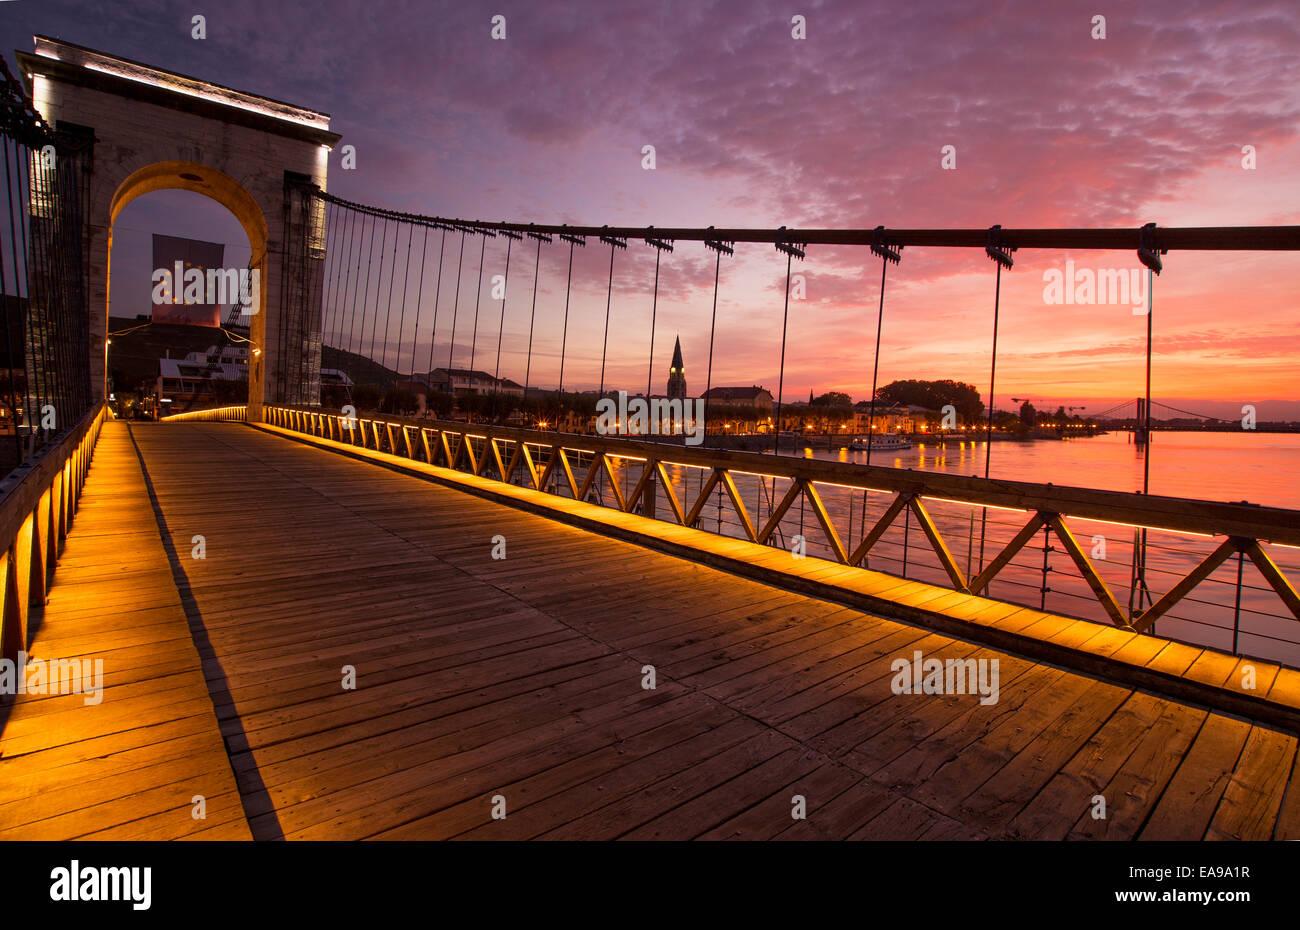 Hermitage Bridge Stock Photos & Hermitage Bridge Stock Images - Alamy